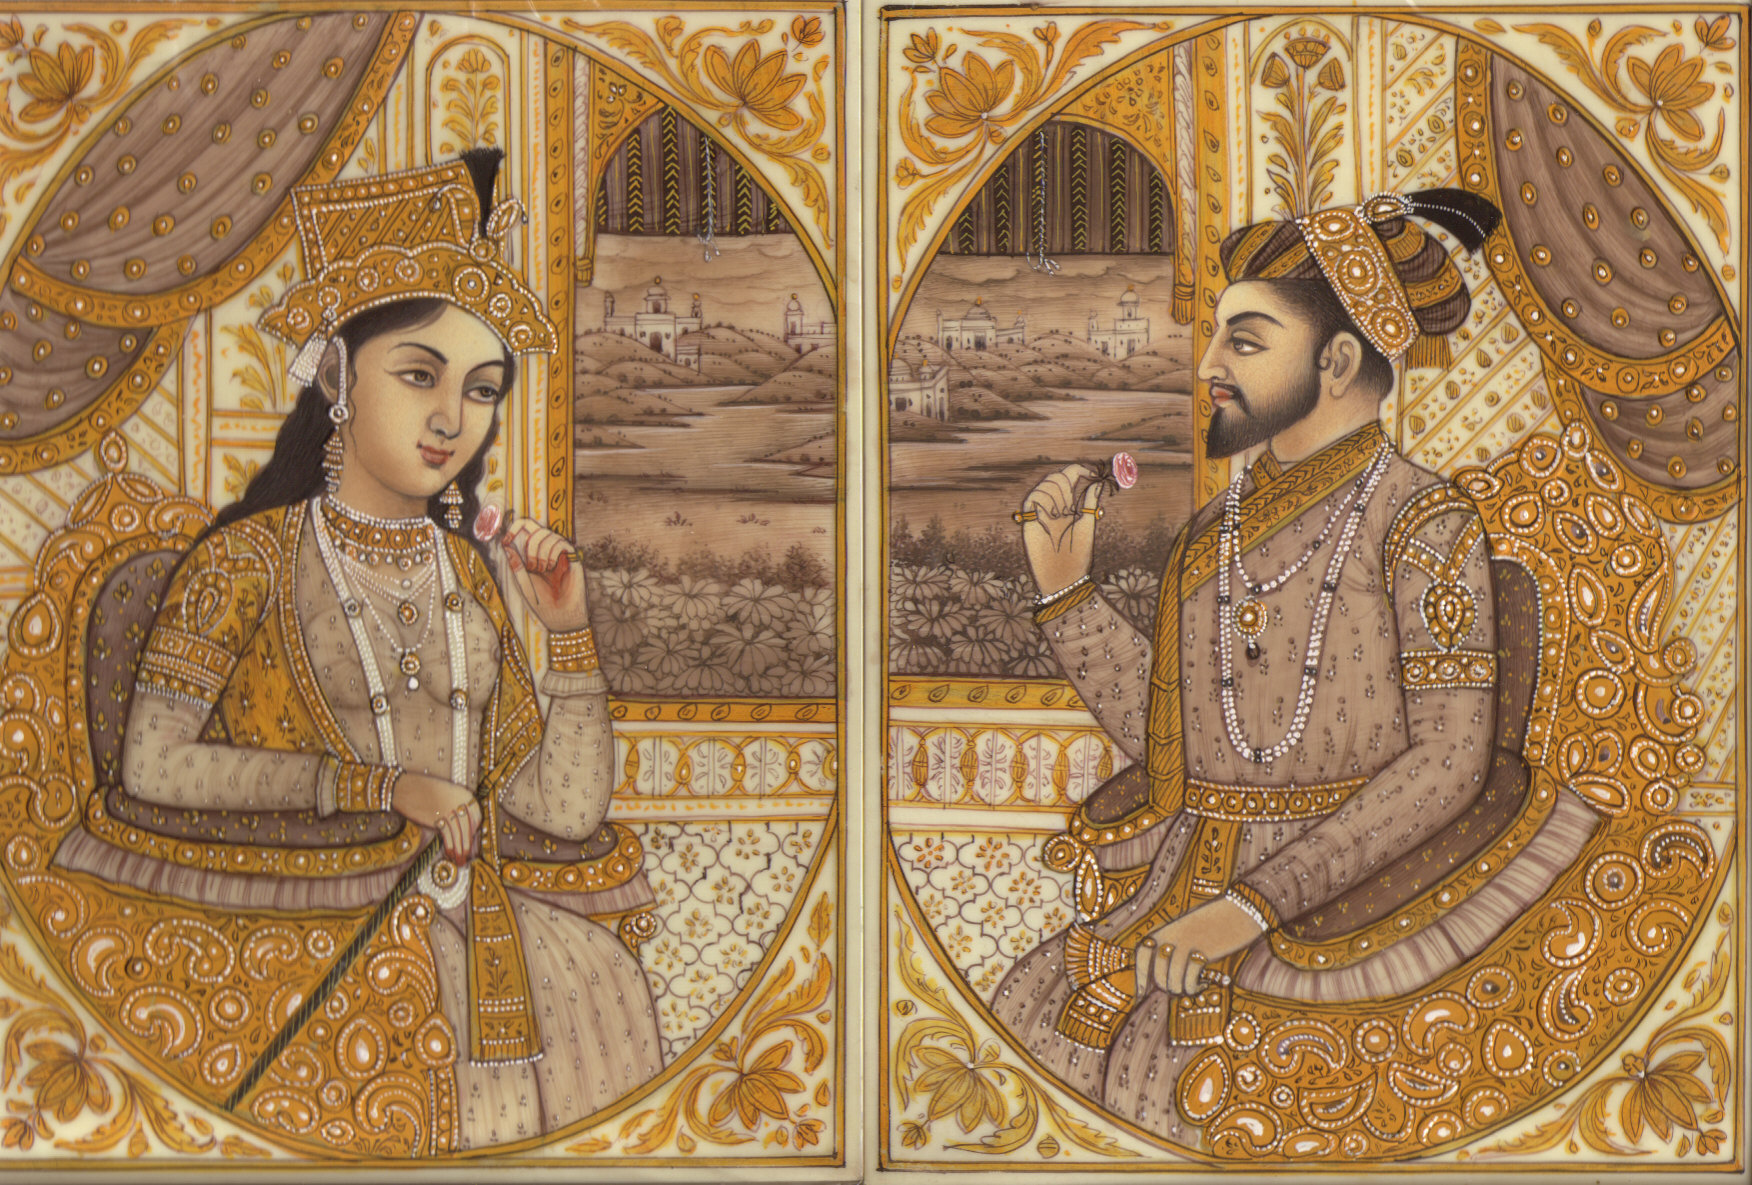 Mumtaz and Shah Jahan